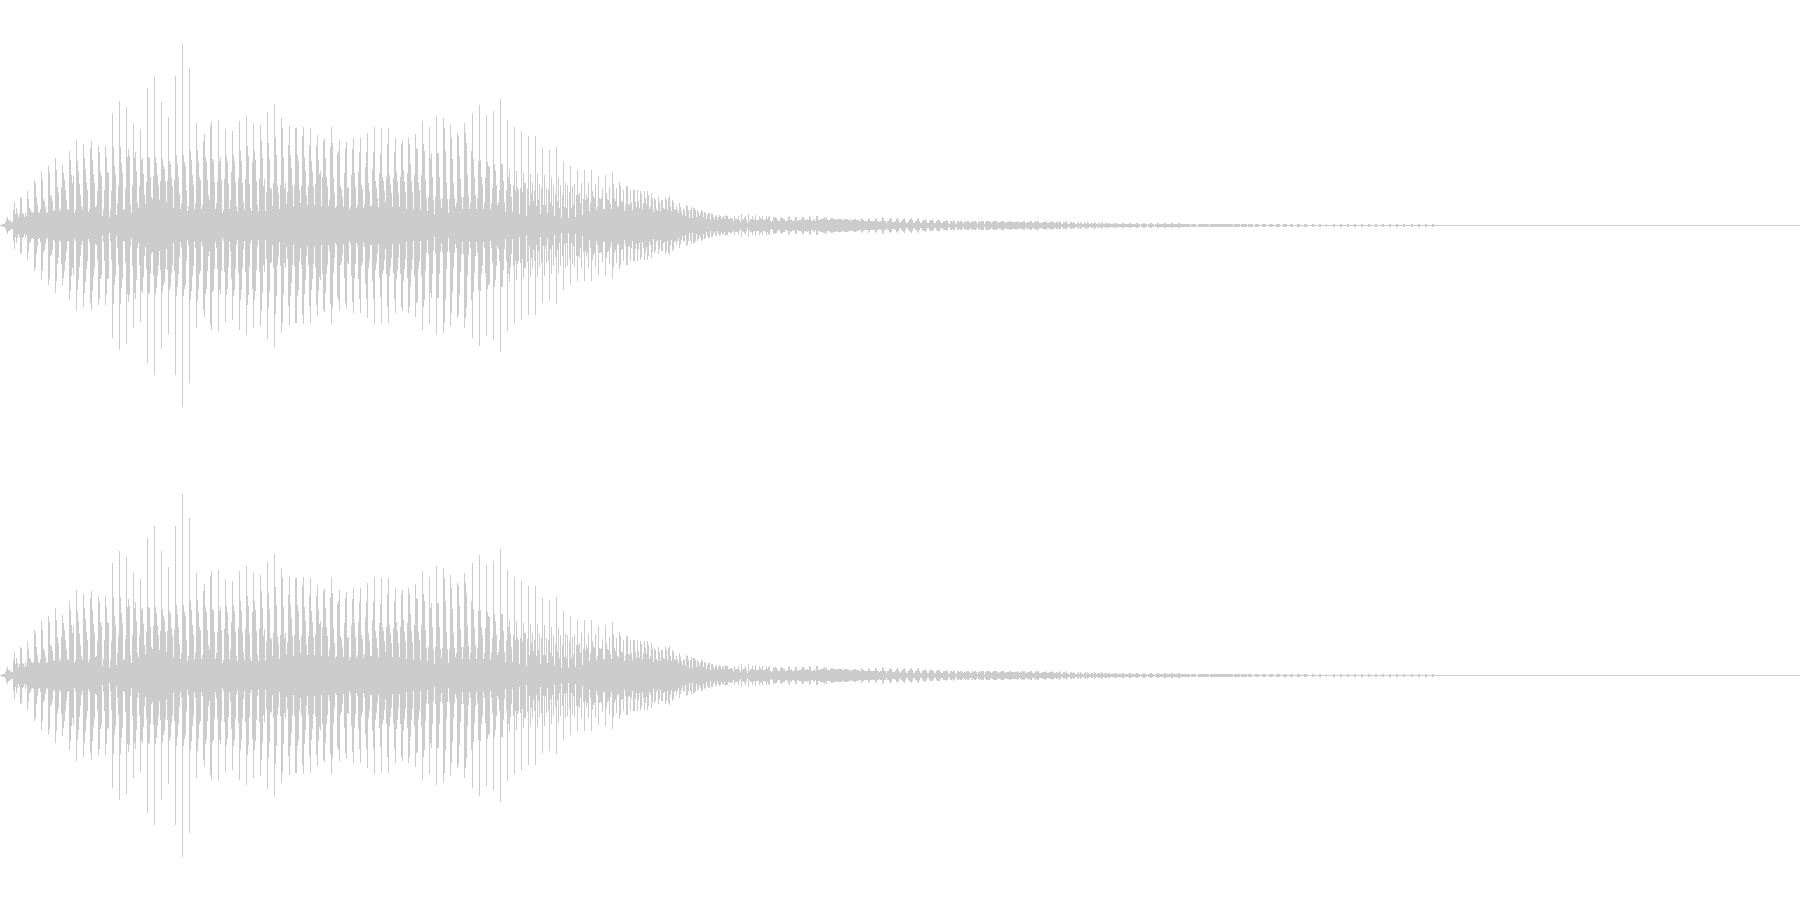 ビームソード風の効果音(SF、ロボット)の未再生の波形